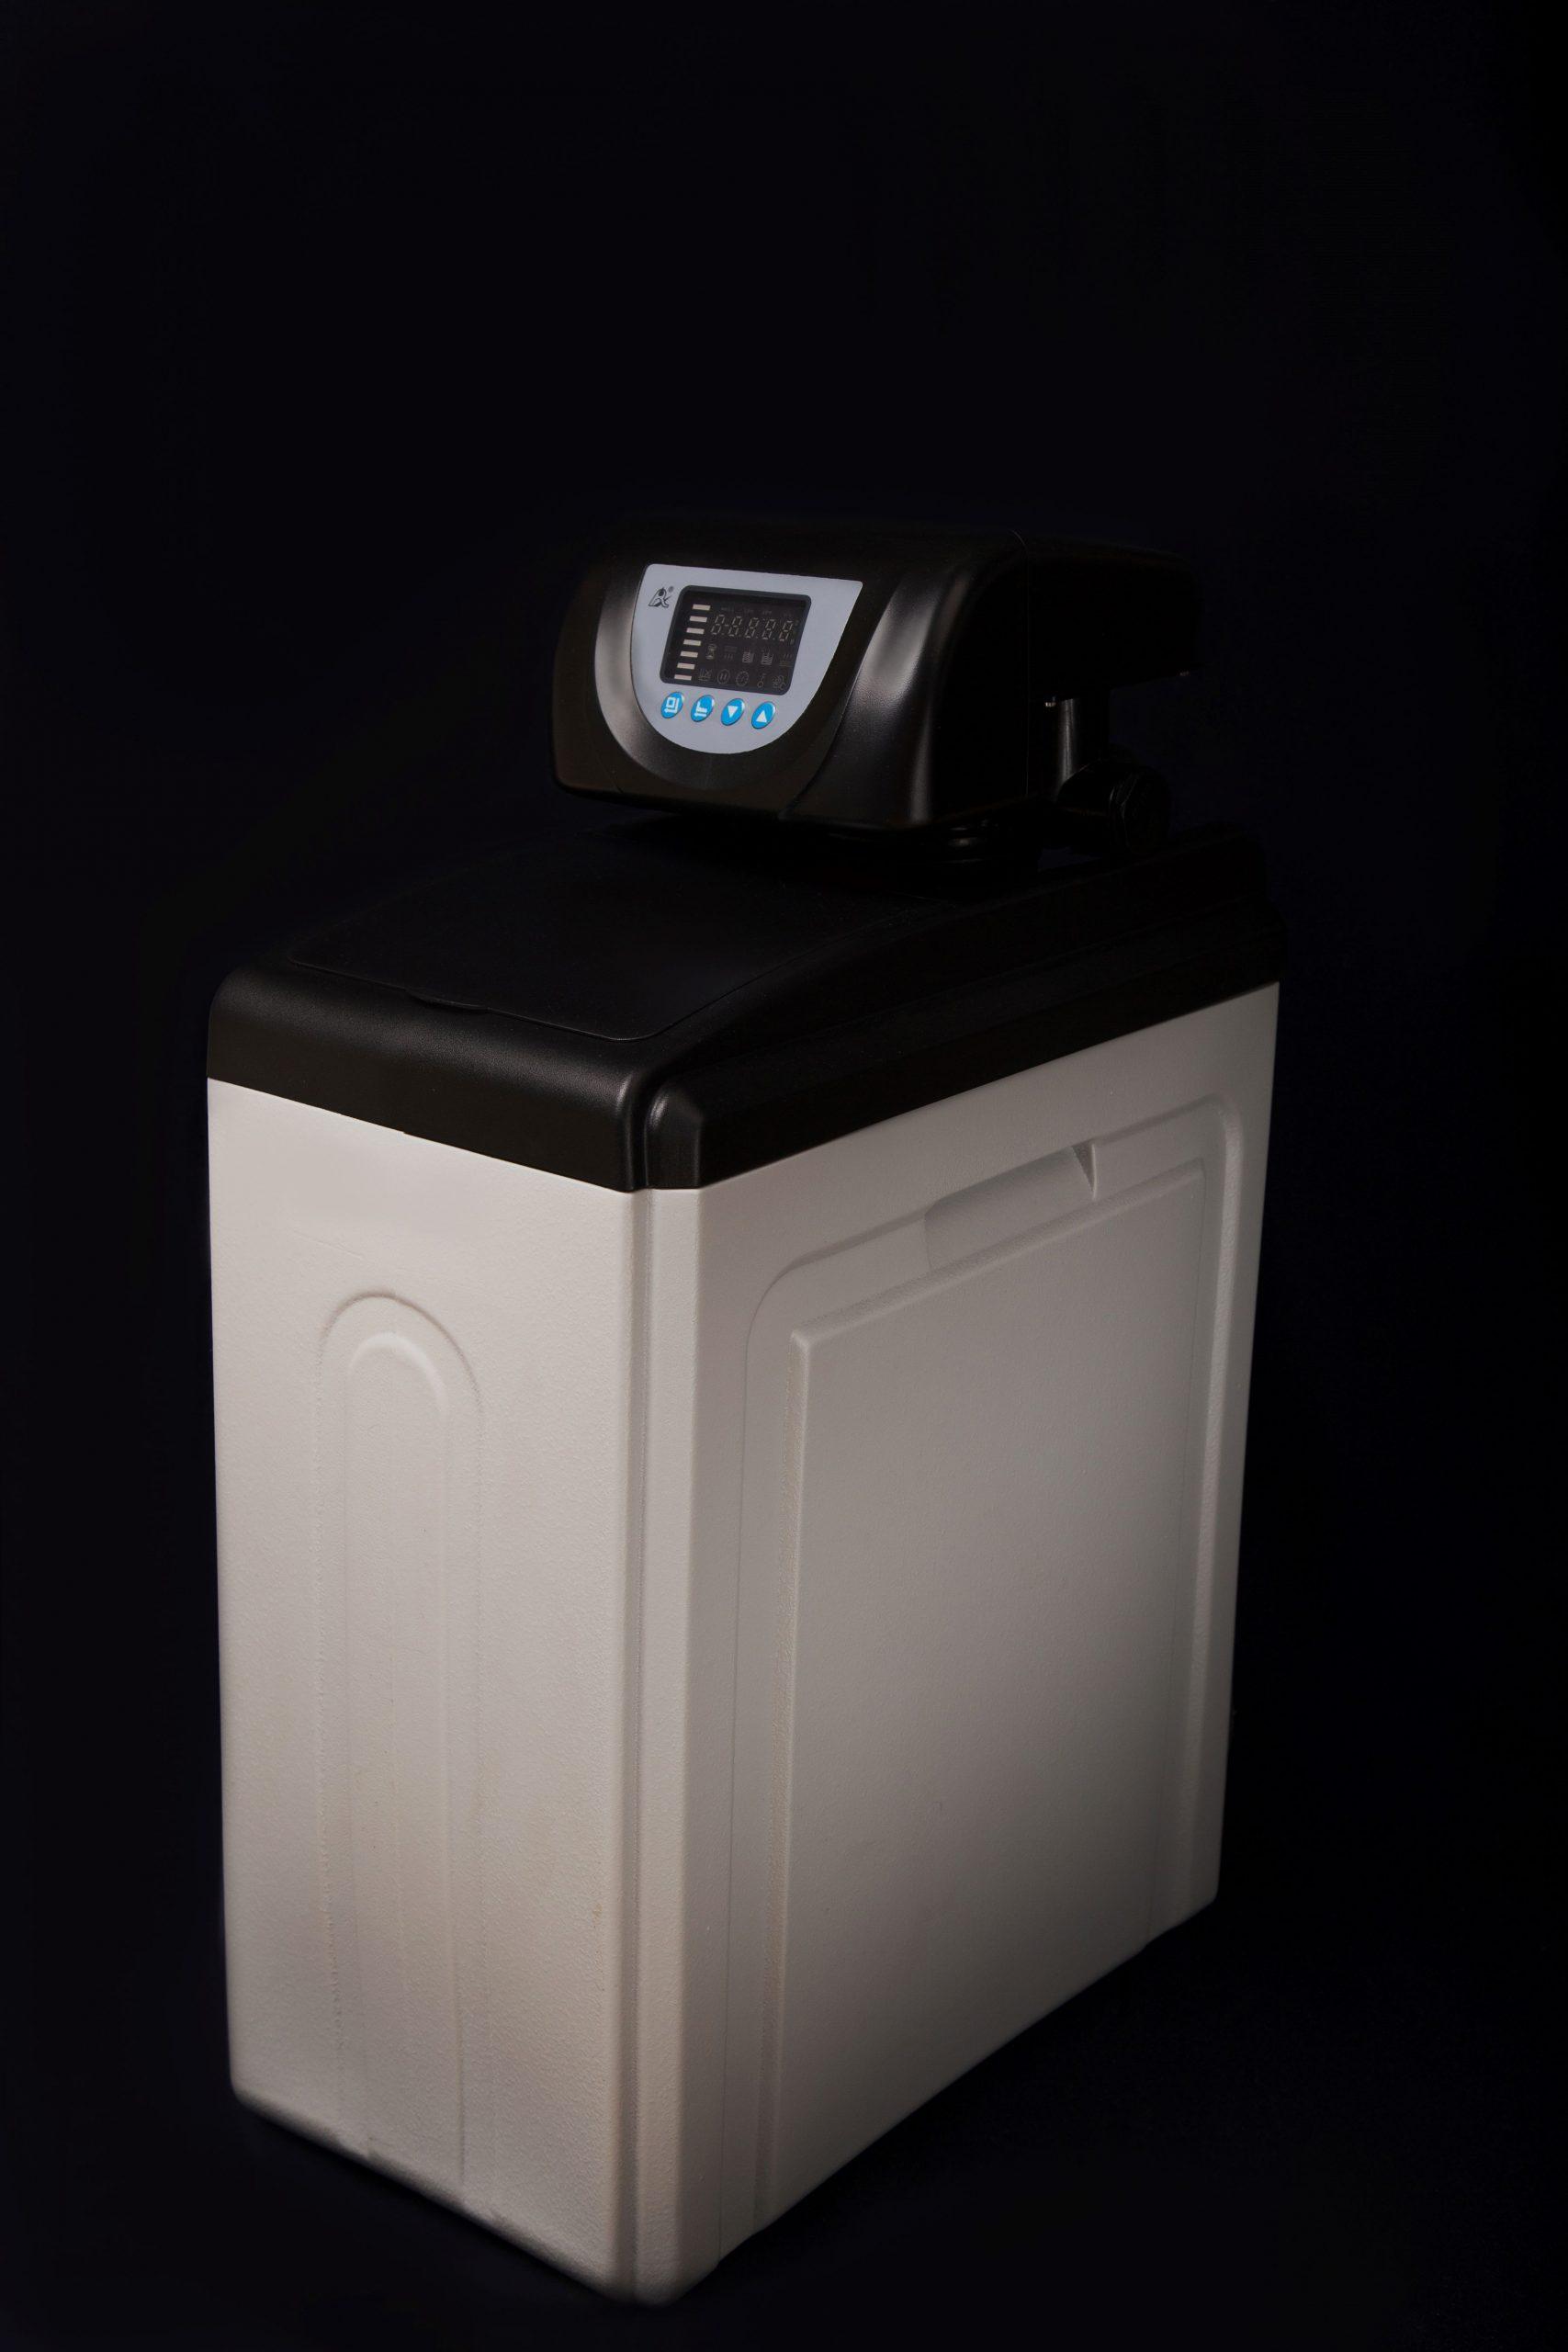 Умягчитель воды c автоматическим управлением FCV-11-15 (T) (1000 литр/час)